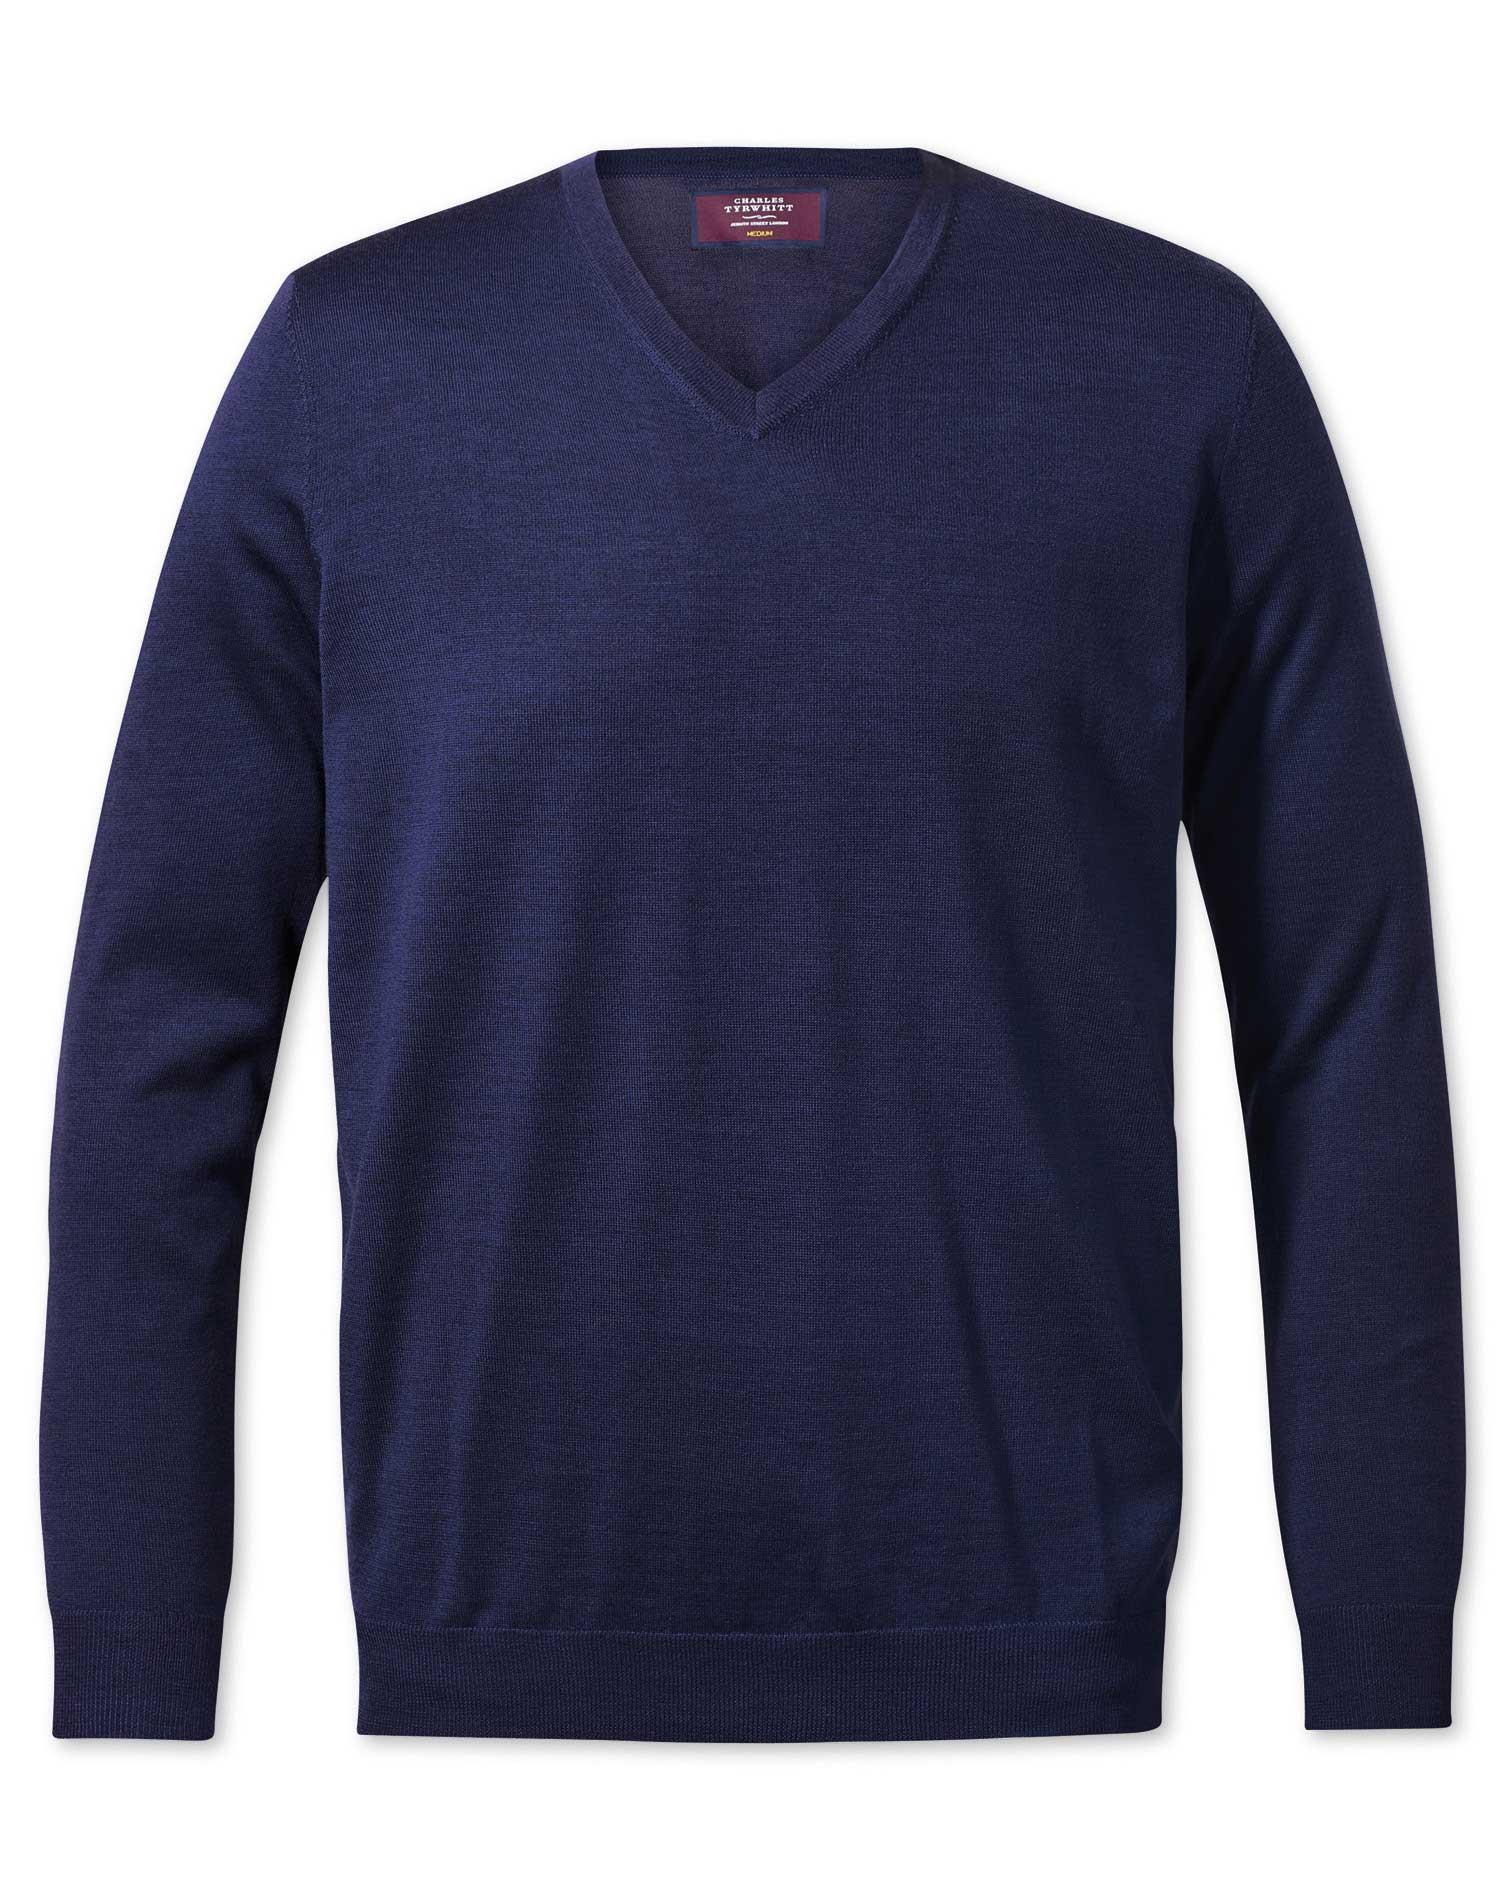 Blue V-Neck Merino-Silk Wool Jumper Size Large by Charles Tyrwhitt